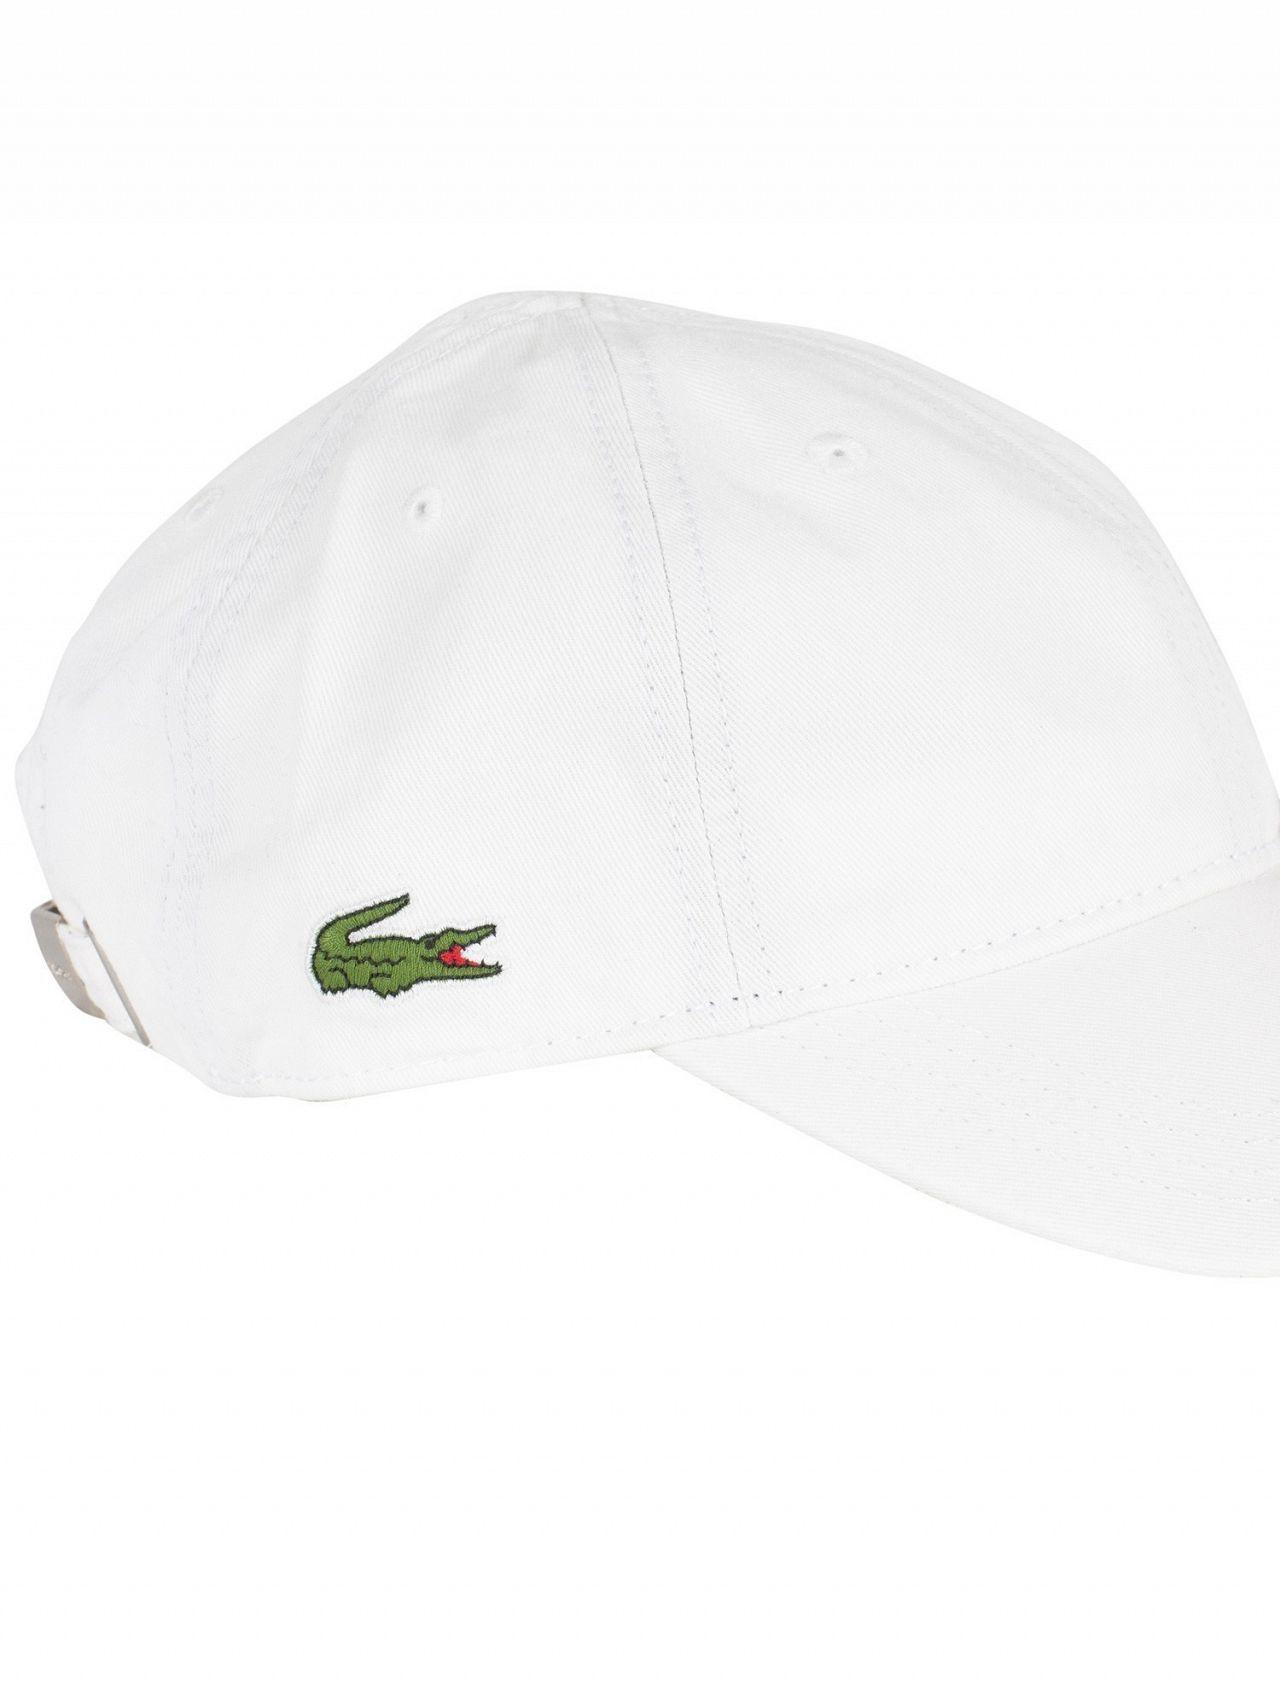 Lacoste White Small Logo Baseball Cap 6bca7ba58a4